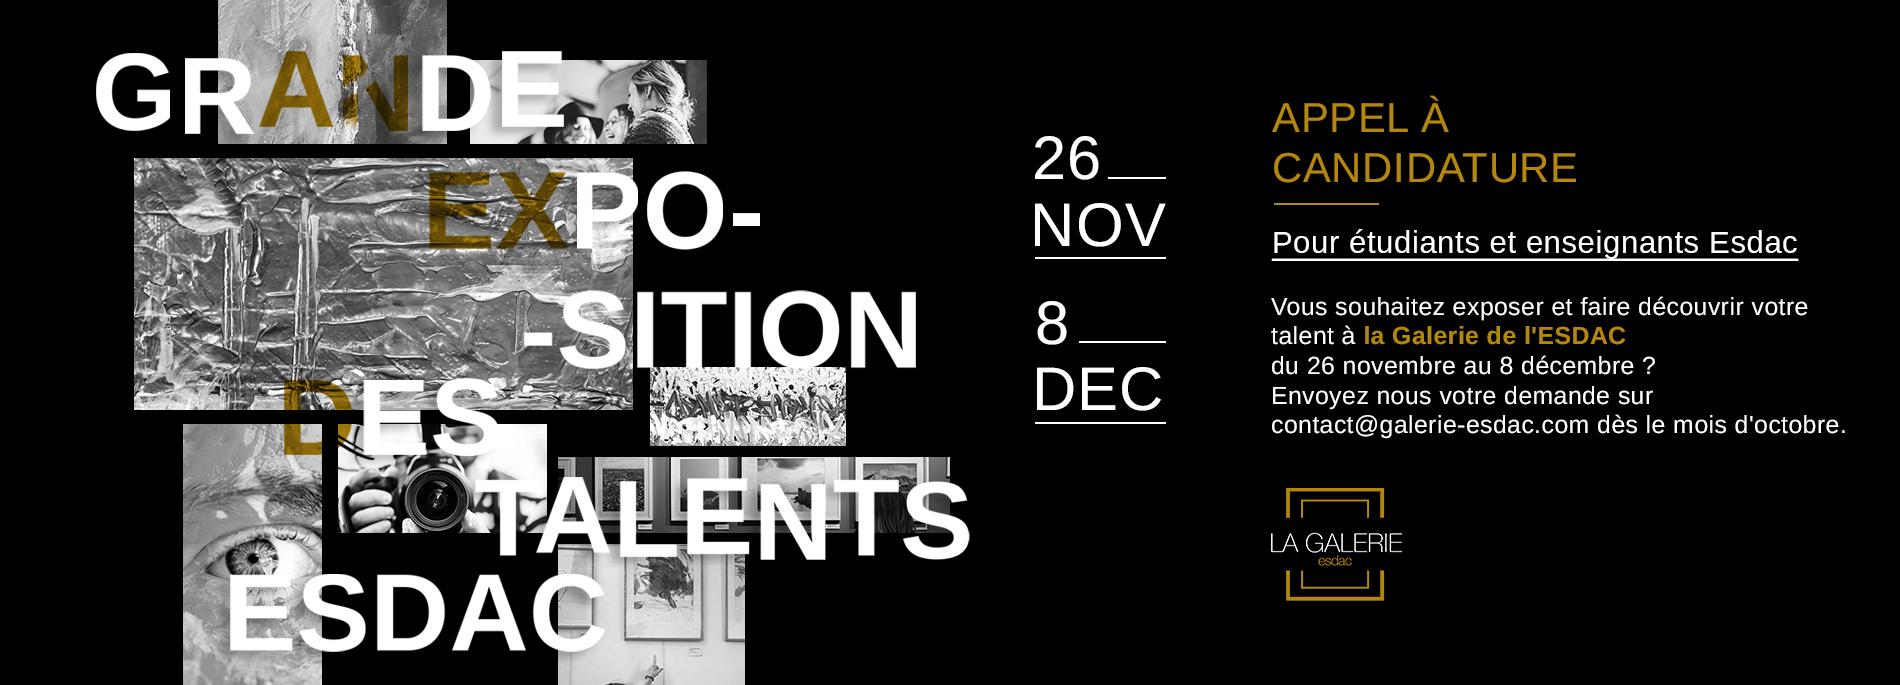 Grande exposition des talents galerie d'art ESDAC Aix